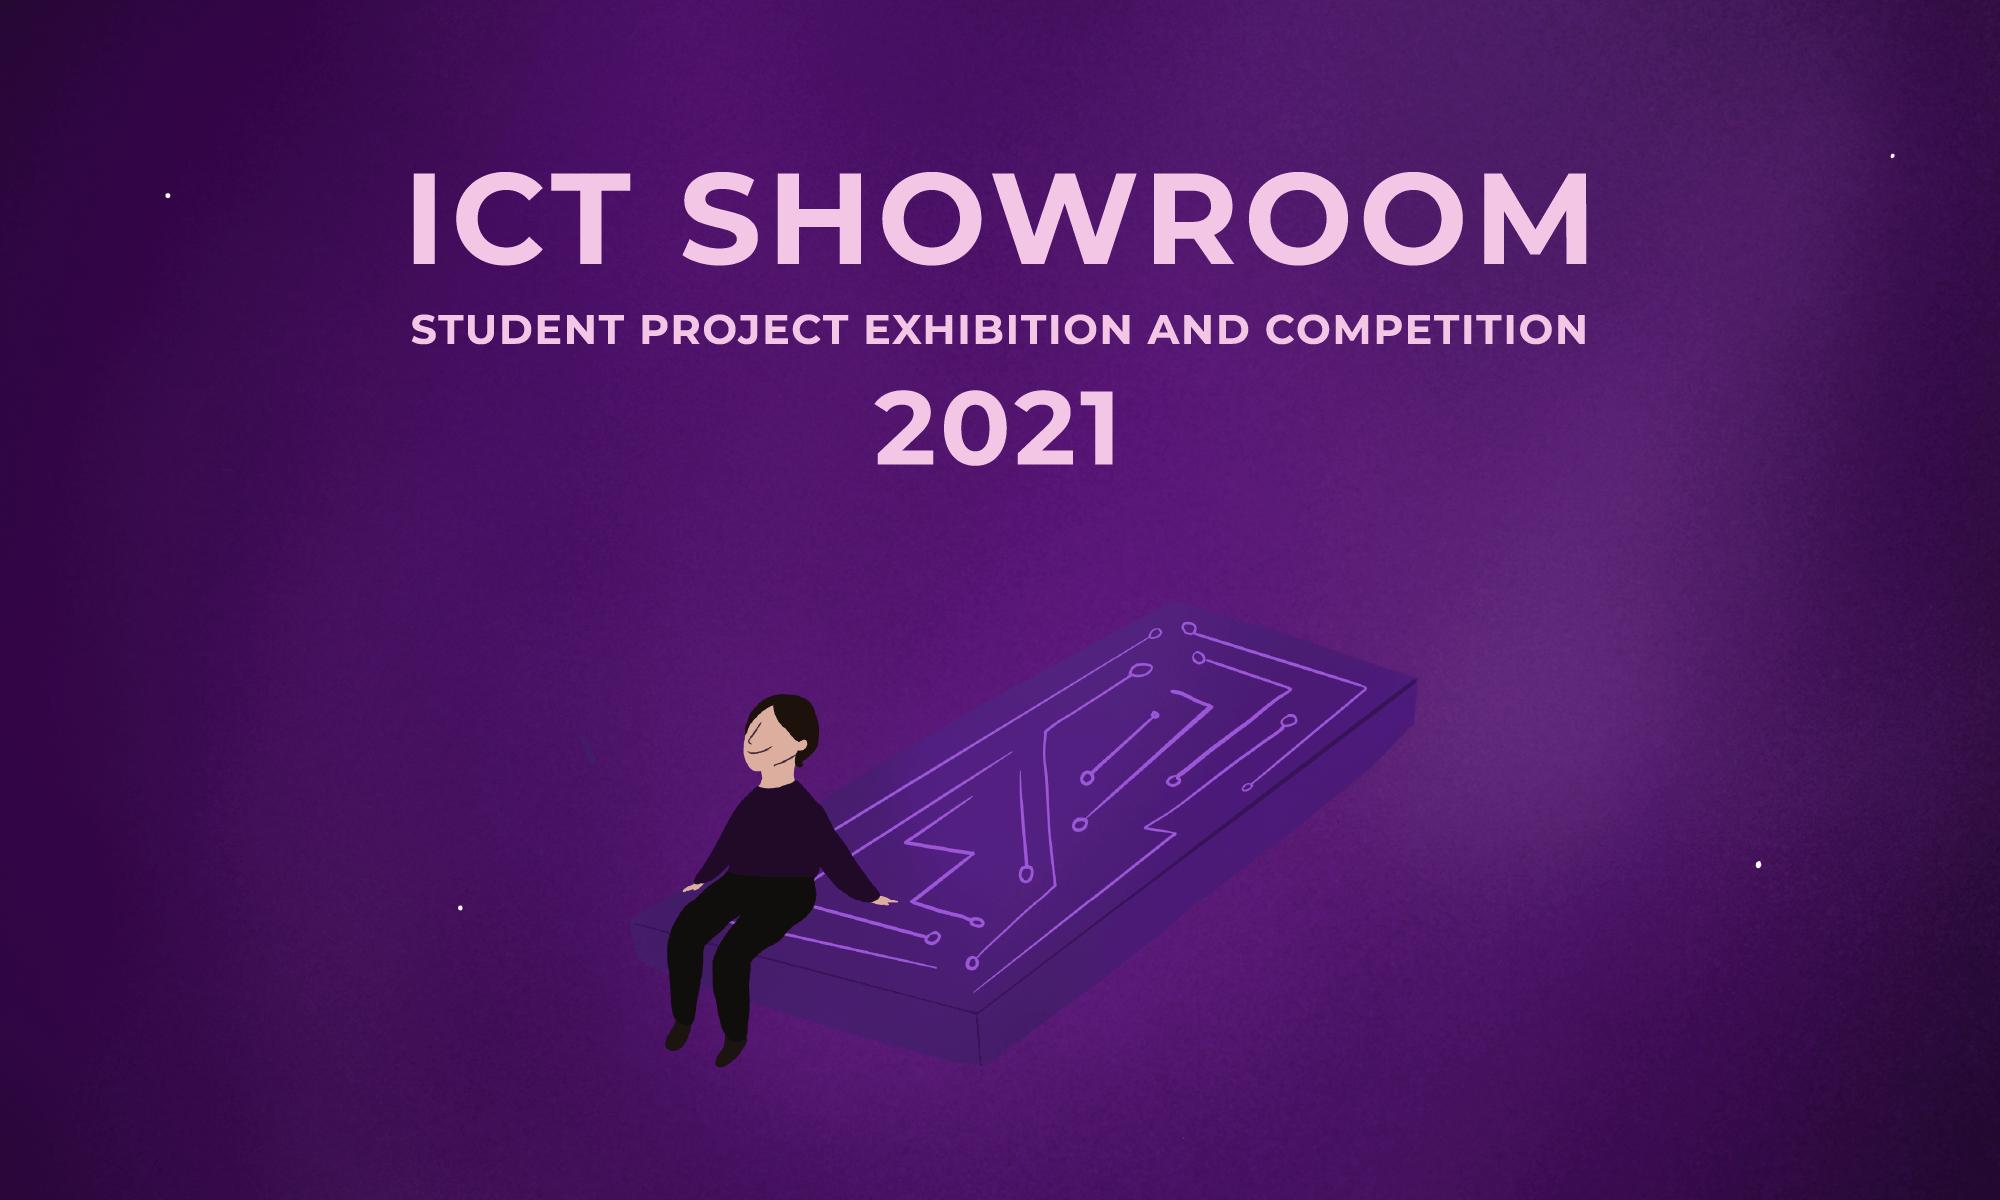 ICT Showroom